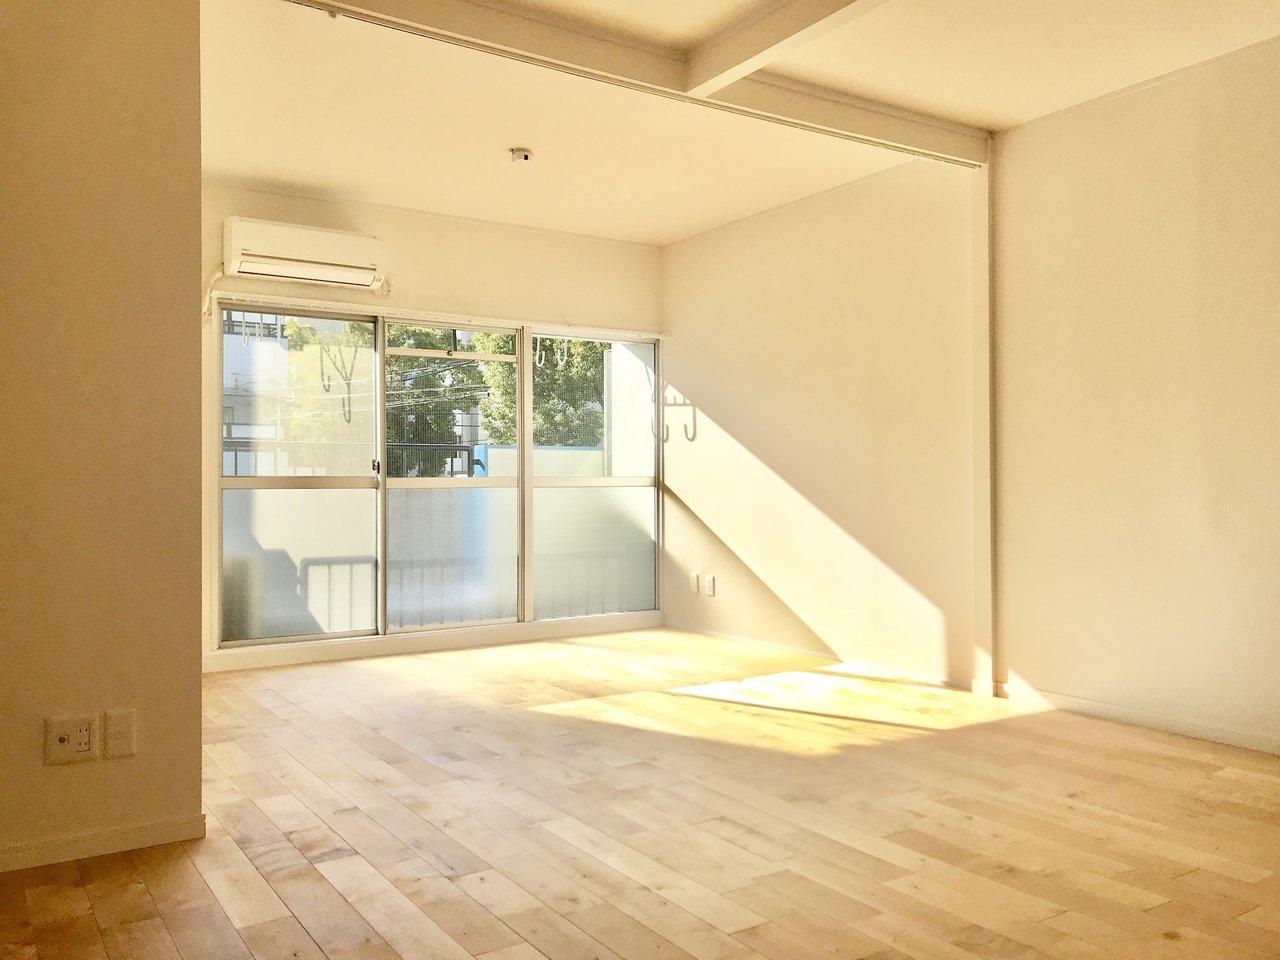 自慢したくなる部屋に暮らそう。名古屋、一度は住みたいリノベーション&デザイナーズ物件まとめ